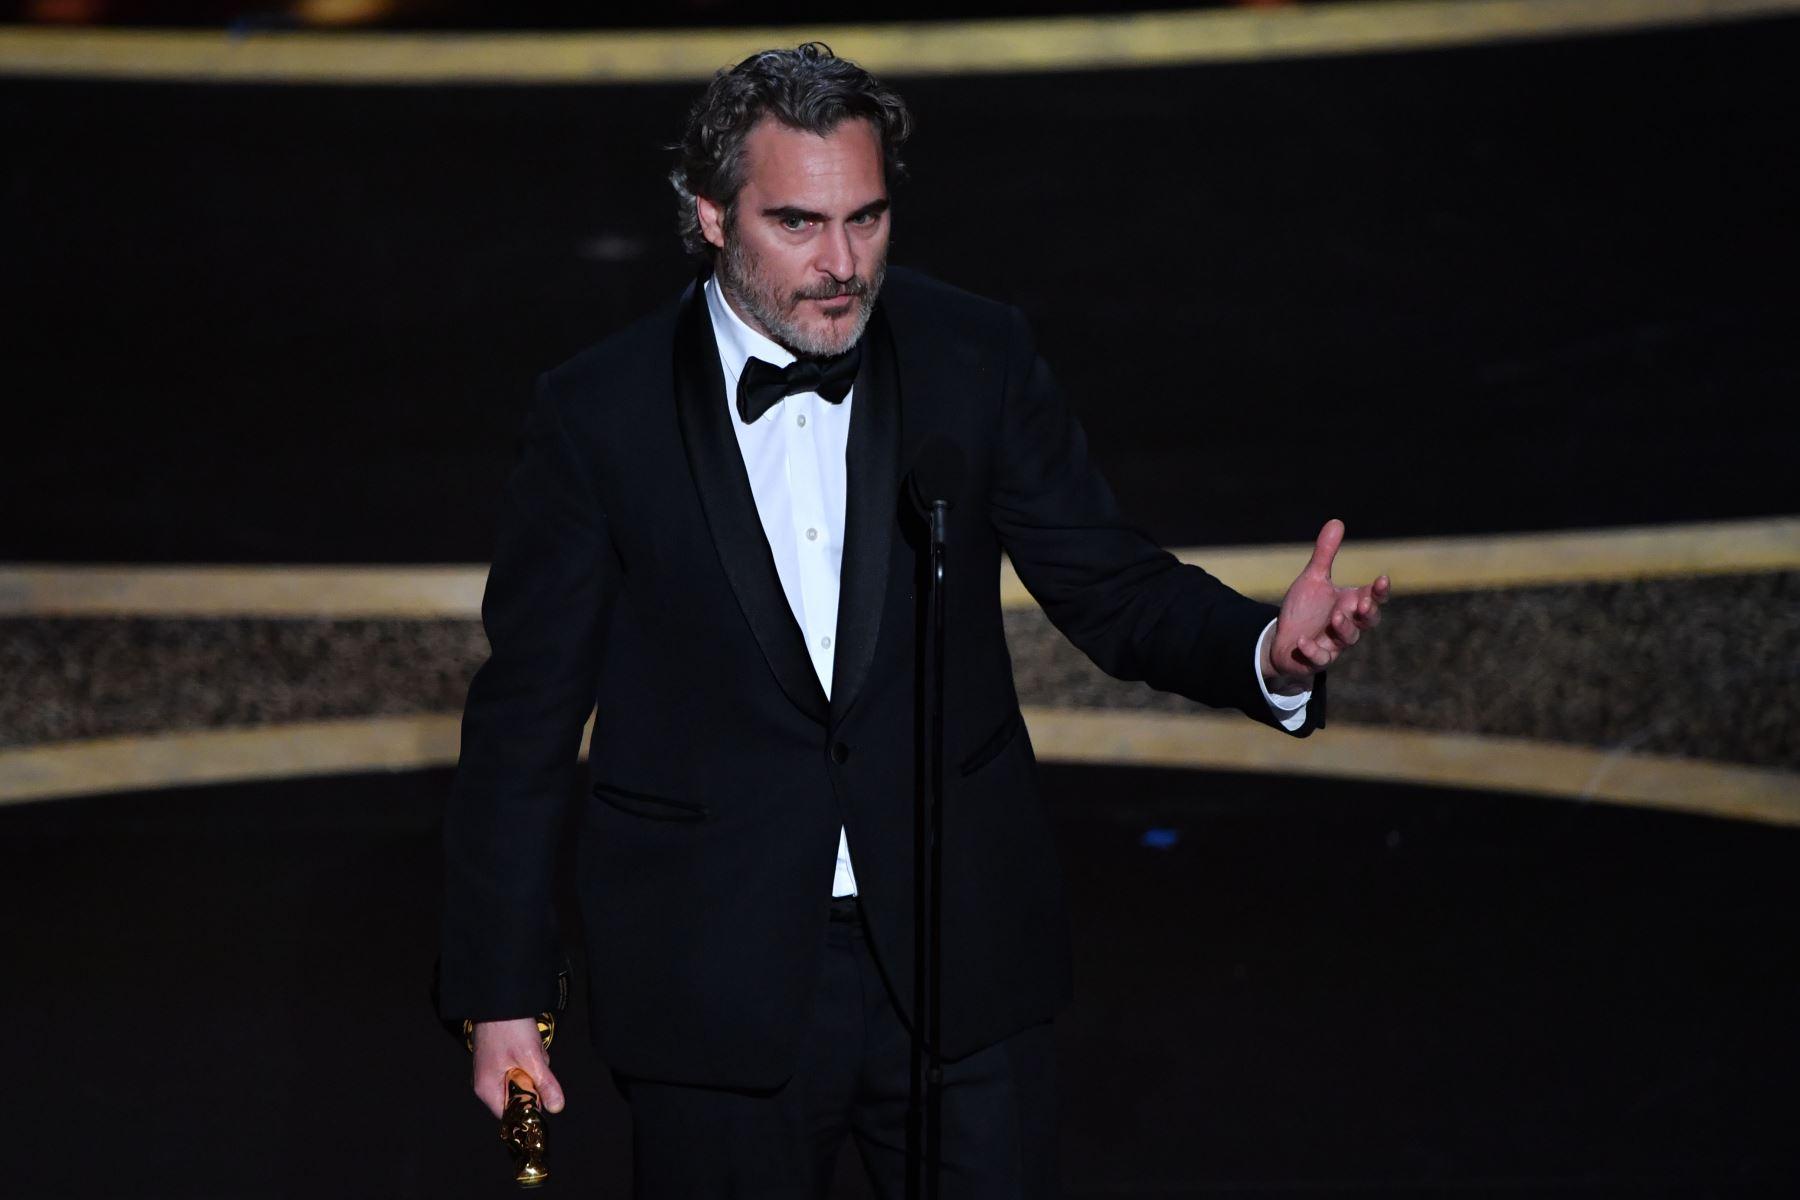 """El actor estadounidense Joaquin Phoenix acepta el premio al Mejor Actor por """"Joker"""" en el escenario durante la 92a edición de los Oscar en el Dolby Theatre de Hollywood, California. Foto: AFP"""